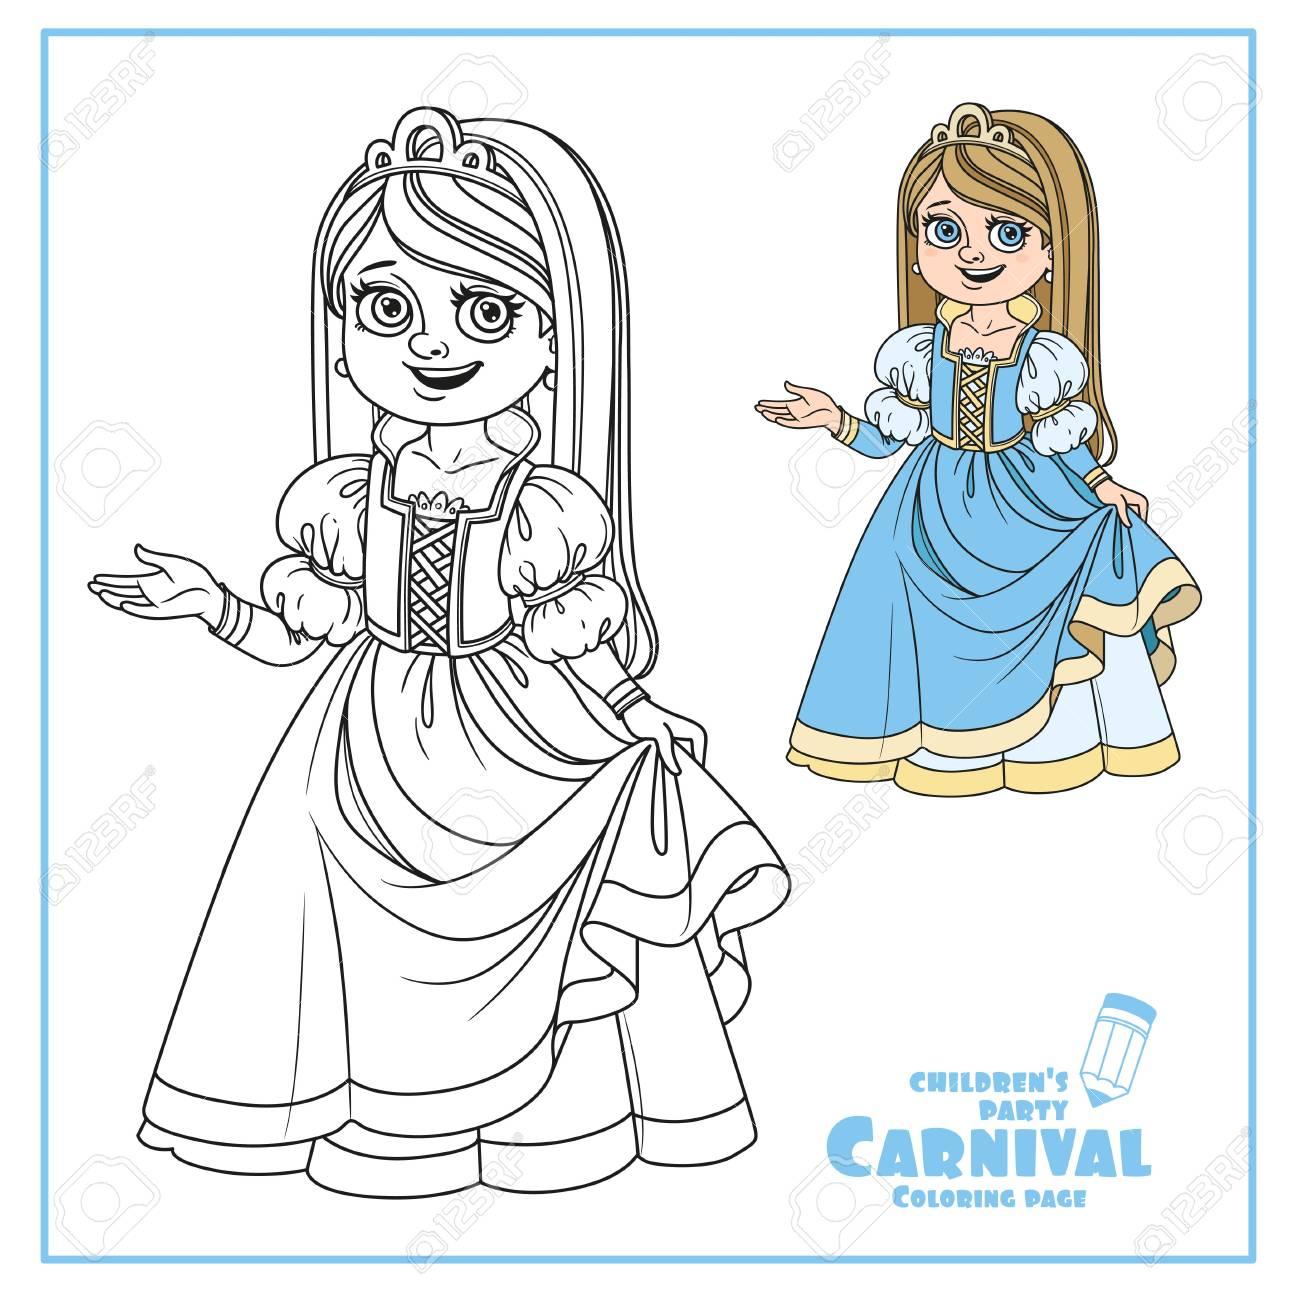 Coloriage Princesse Carnaval.Cute Girl En Costume De Princesse De Couleur Et Decrit Pour La Page